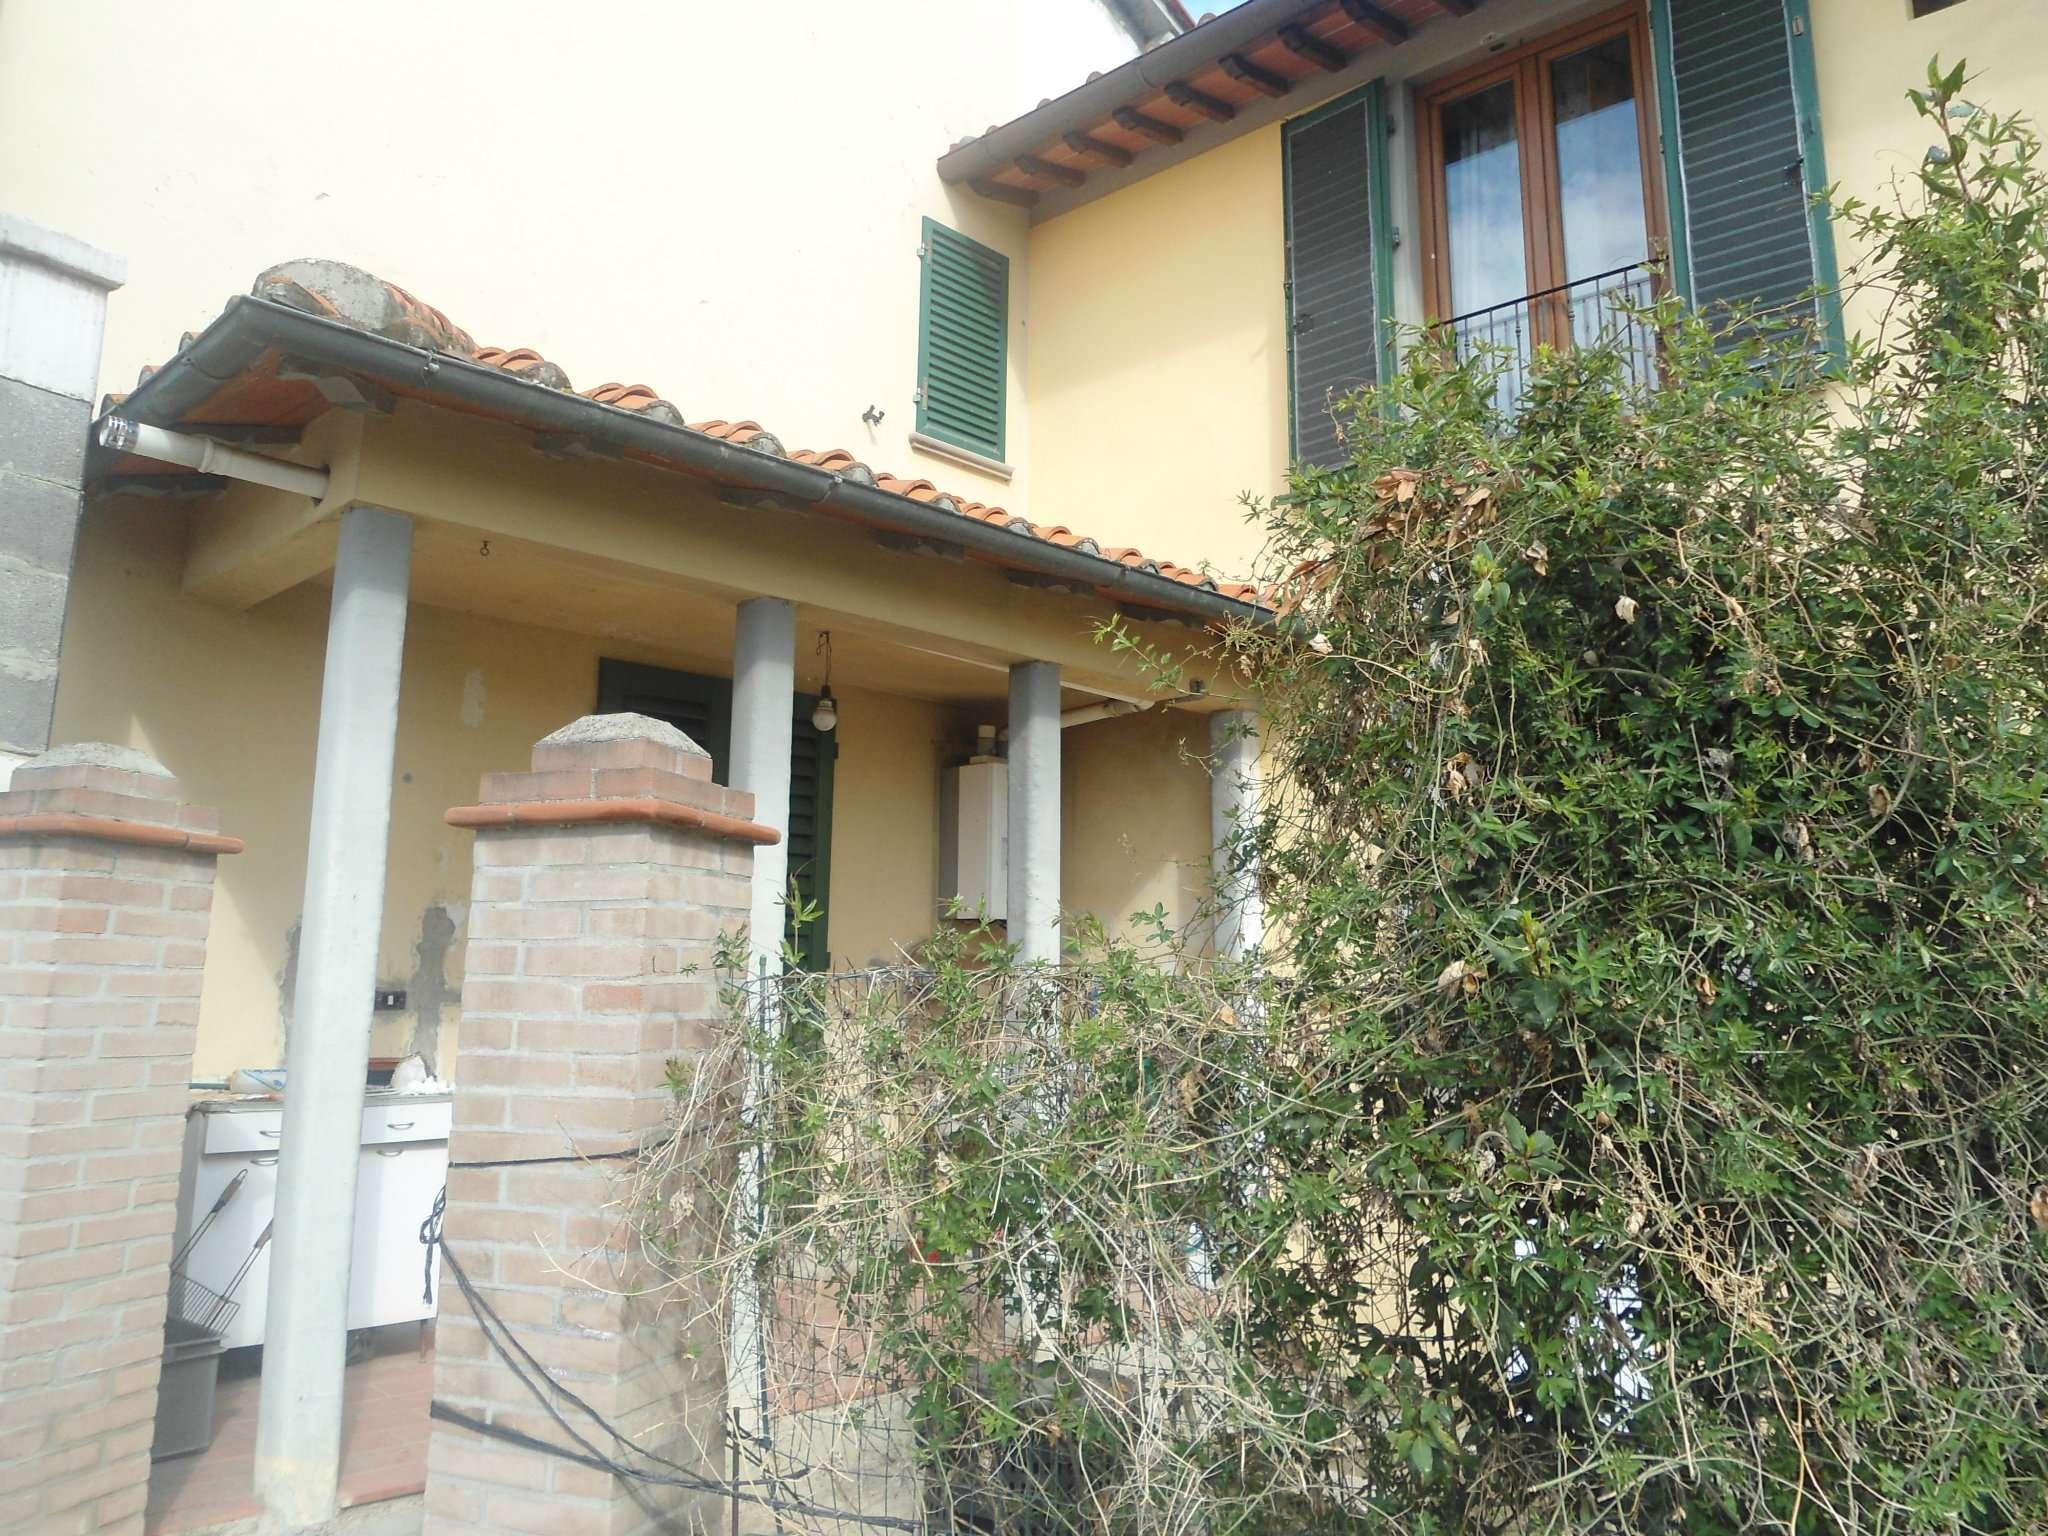 Palazzo / Stabile in vendita a Firenze, 6 locali, zona Zona: 5 . Ugnano, Oltregreve, Mantignano, prezzo € 370.000 | Cambio Casa.it